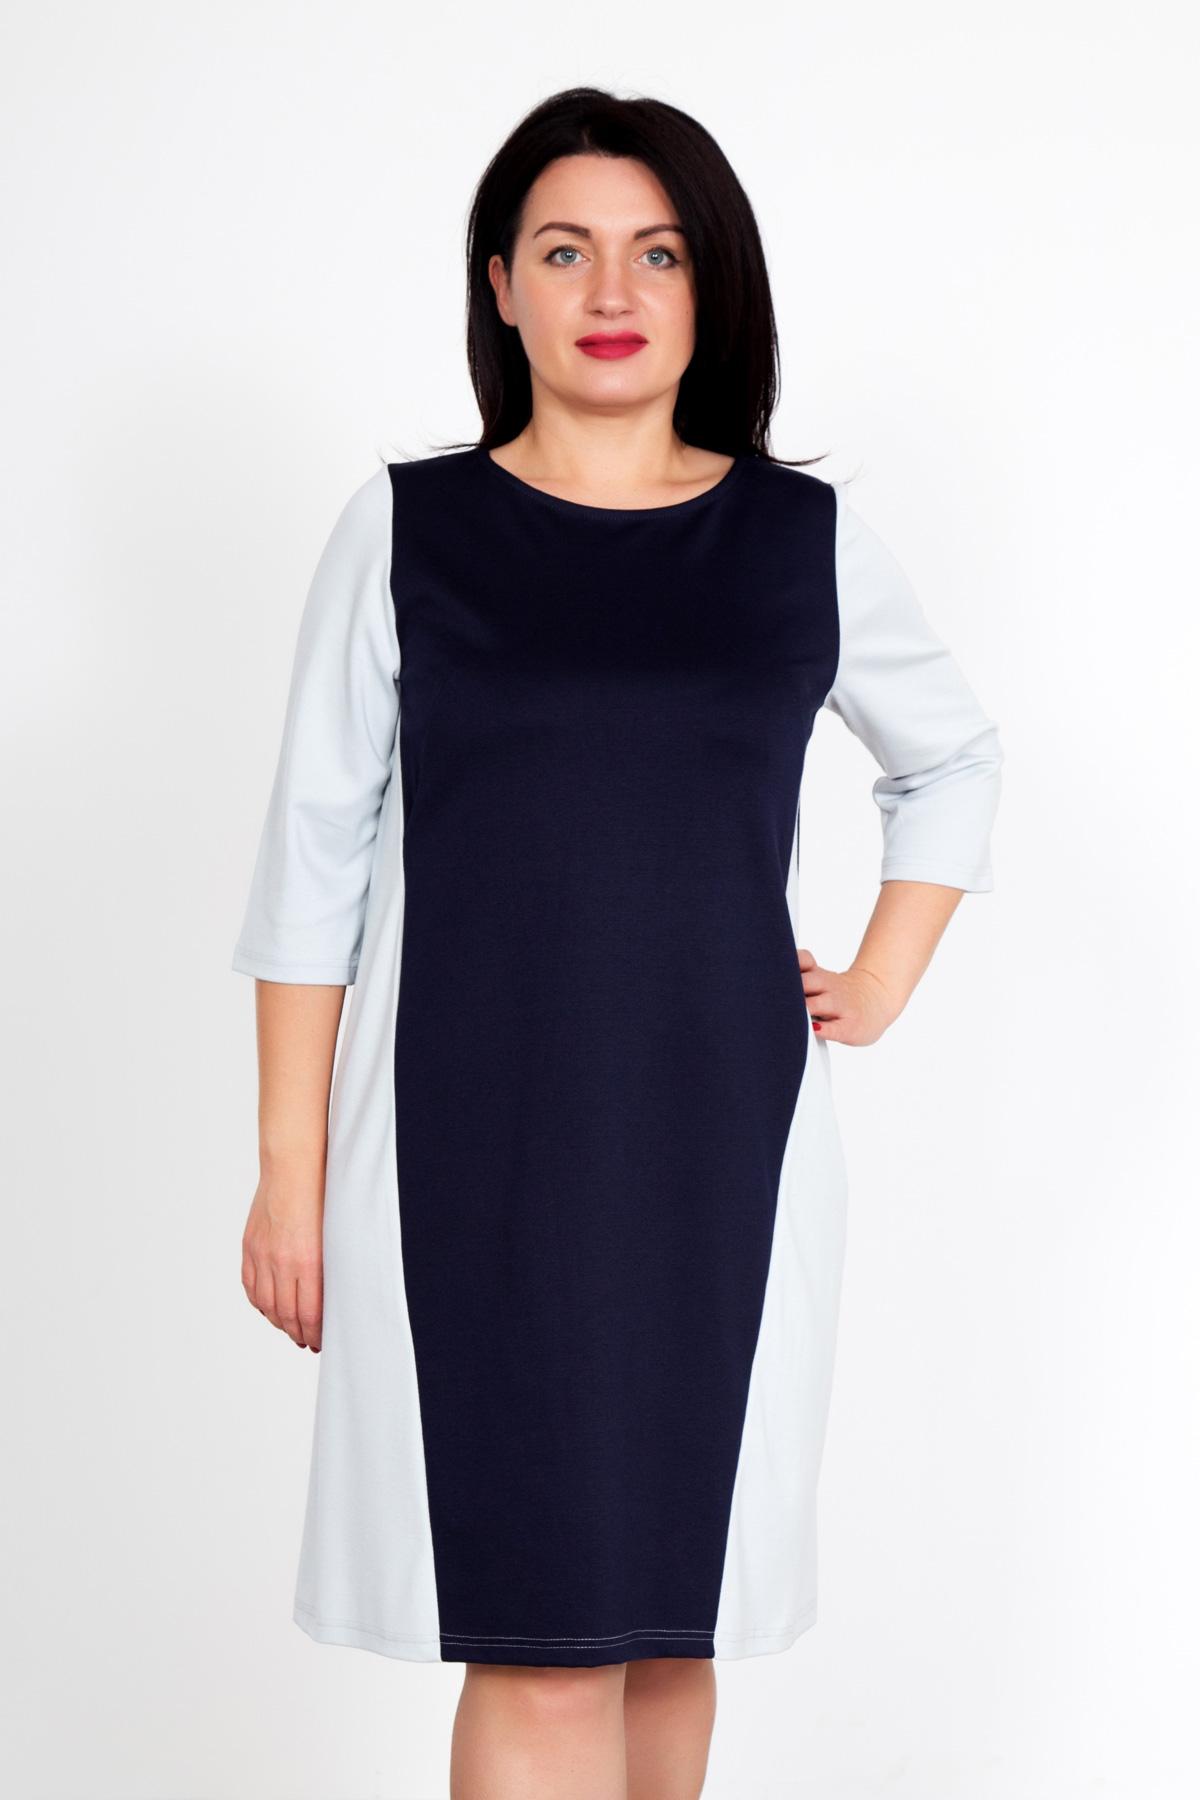 Жен. платье Бренда Синий р. 58Распродажа женской одежды<br>Обхват груди: 116 см <br>Обхват талии: 97 см <br>Обхват бедер: 124 см <br>Длина по спинке: 95 см <br>Рост: 167 см<br><br>Тип: Жен. платье<br>Размер: 58<br>Материал: Милано